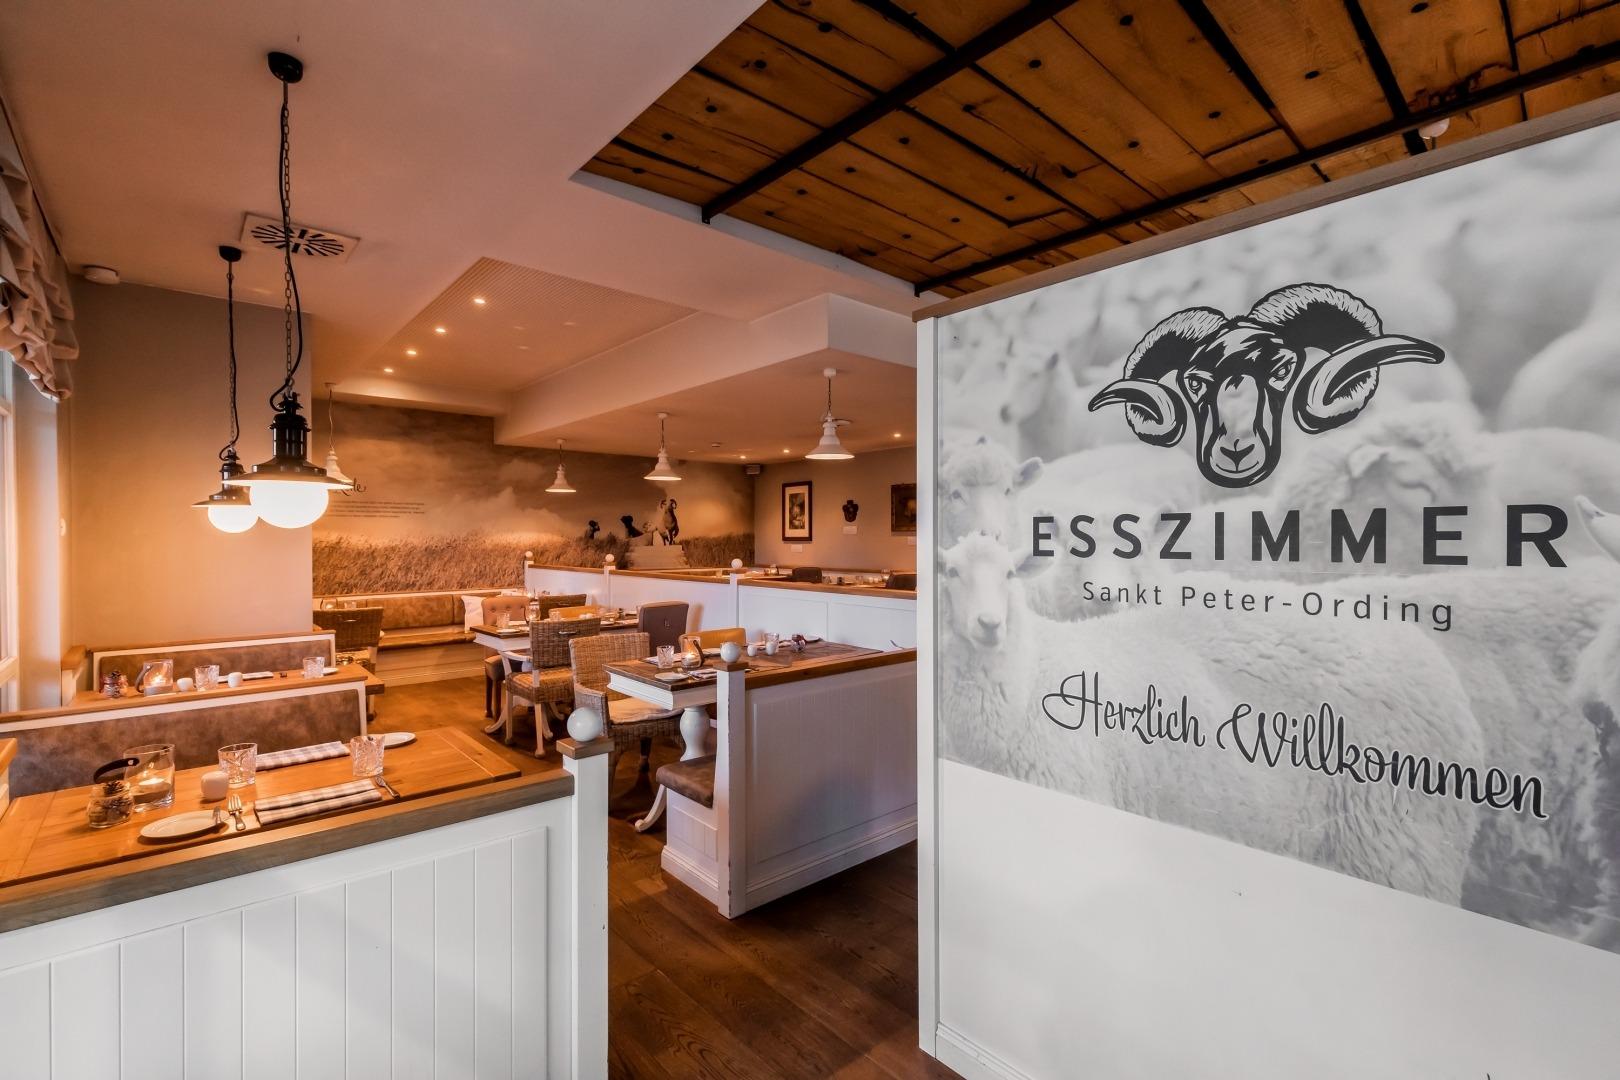 öffnungszeiten Restaurant Esszimmer Strandhotel Zweite Heimat